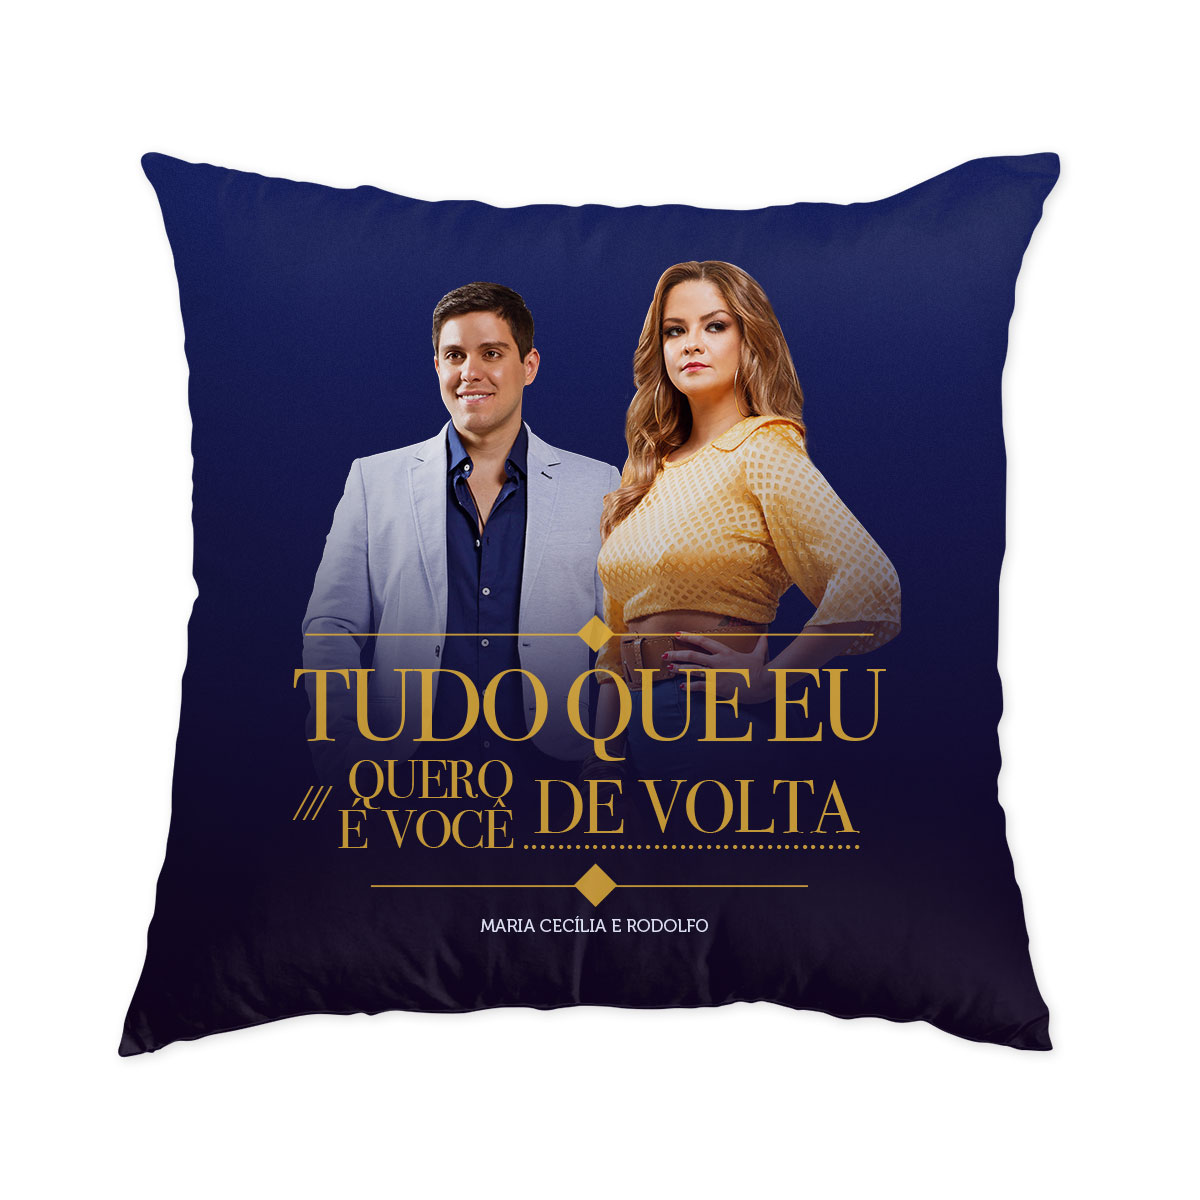 Almofada Maria Cecília & Rodolfo Tudo Que Eu Quero